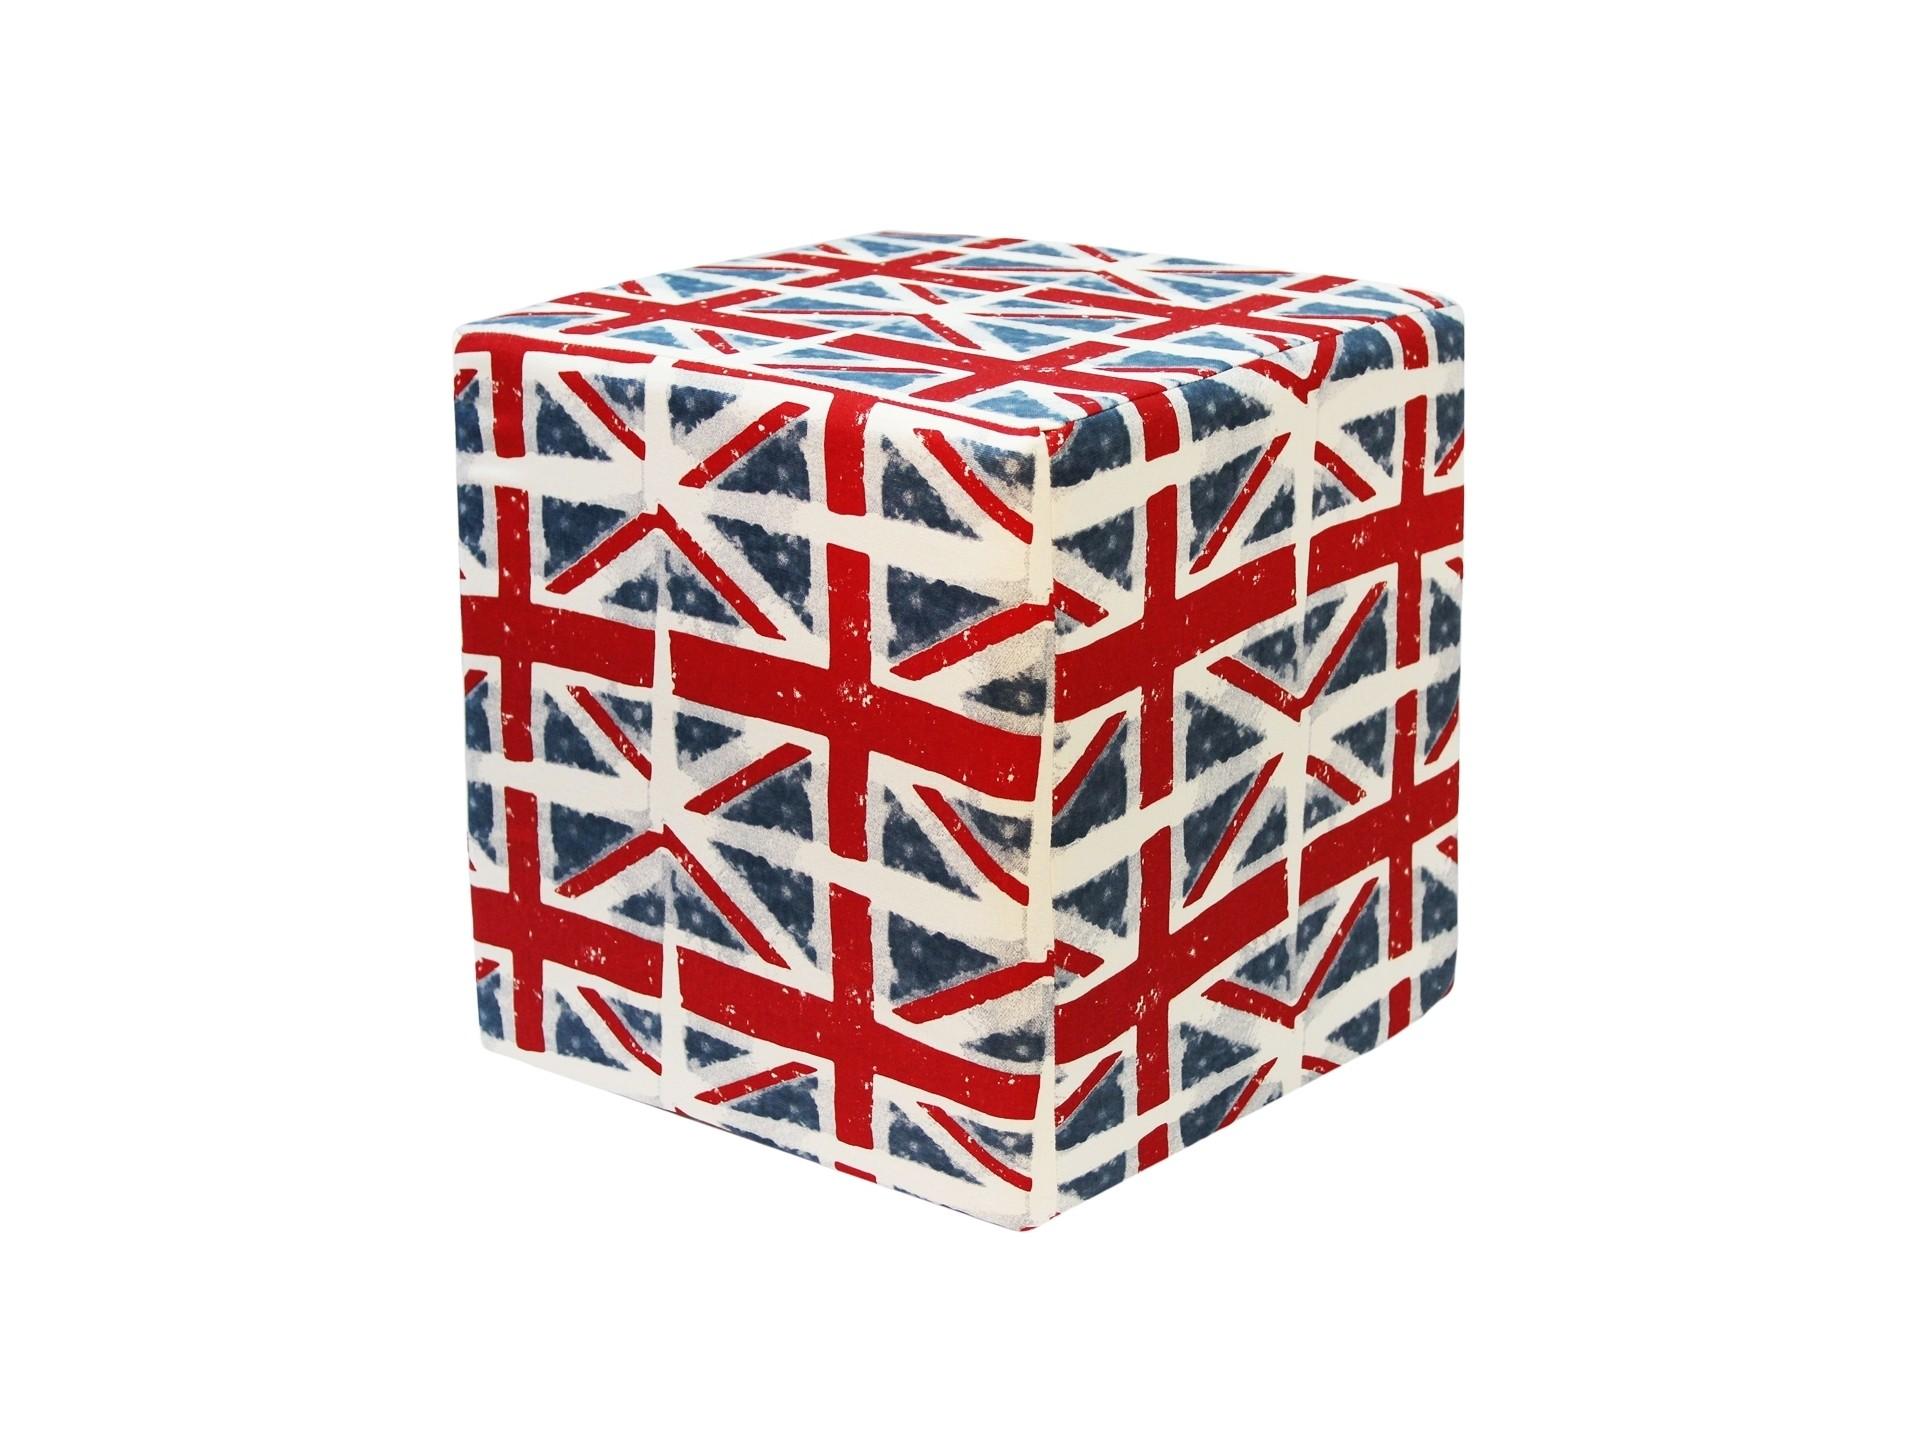 Квадратный пуф Great BritainФорменные пуфы<br>Устойчивый пуф на деревянной основе статнет незаменимым предметом декора или функциональной мебелью в вашем доме. А эксклюзивные ткани привезенные Лоскутклаб из США добавят изюминку в ваше пространство.<br><br>Material: Хлопок<br>Width см: 38<br>Depth см: 38<br>Height см: 41